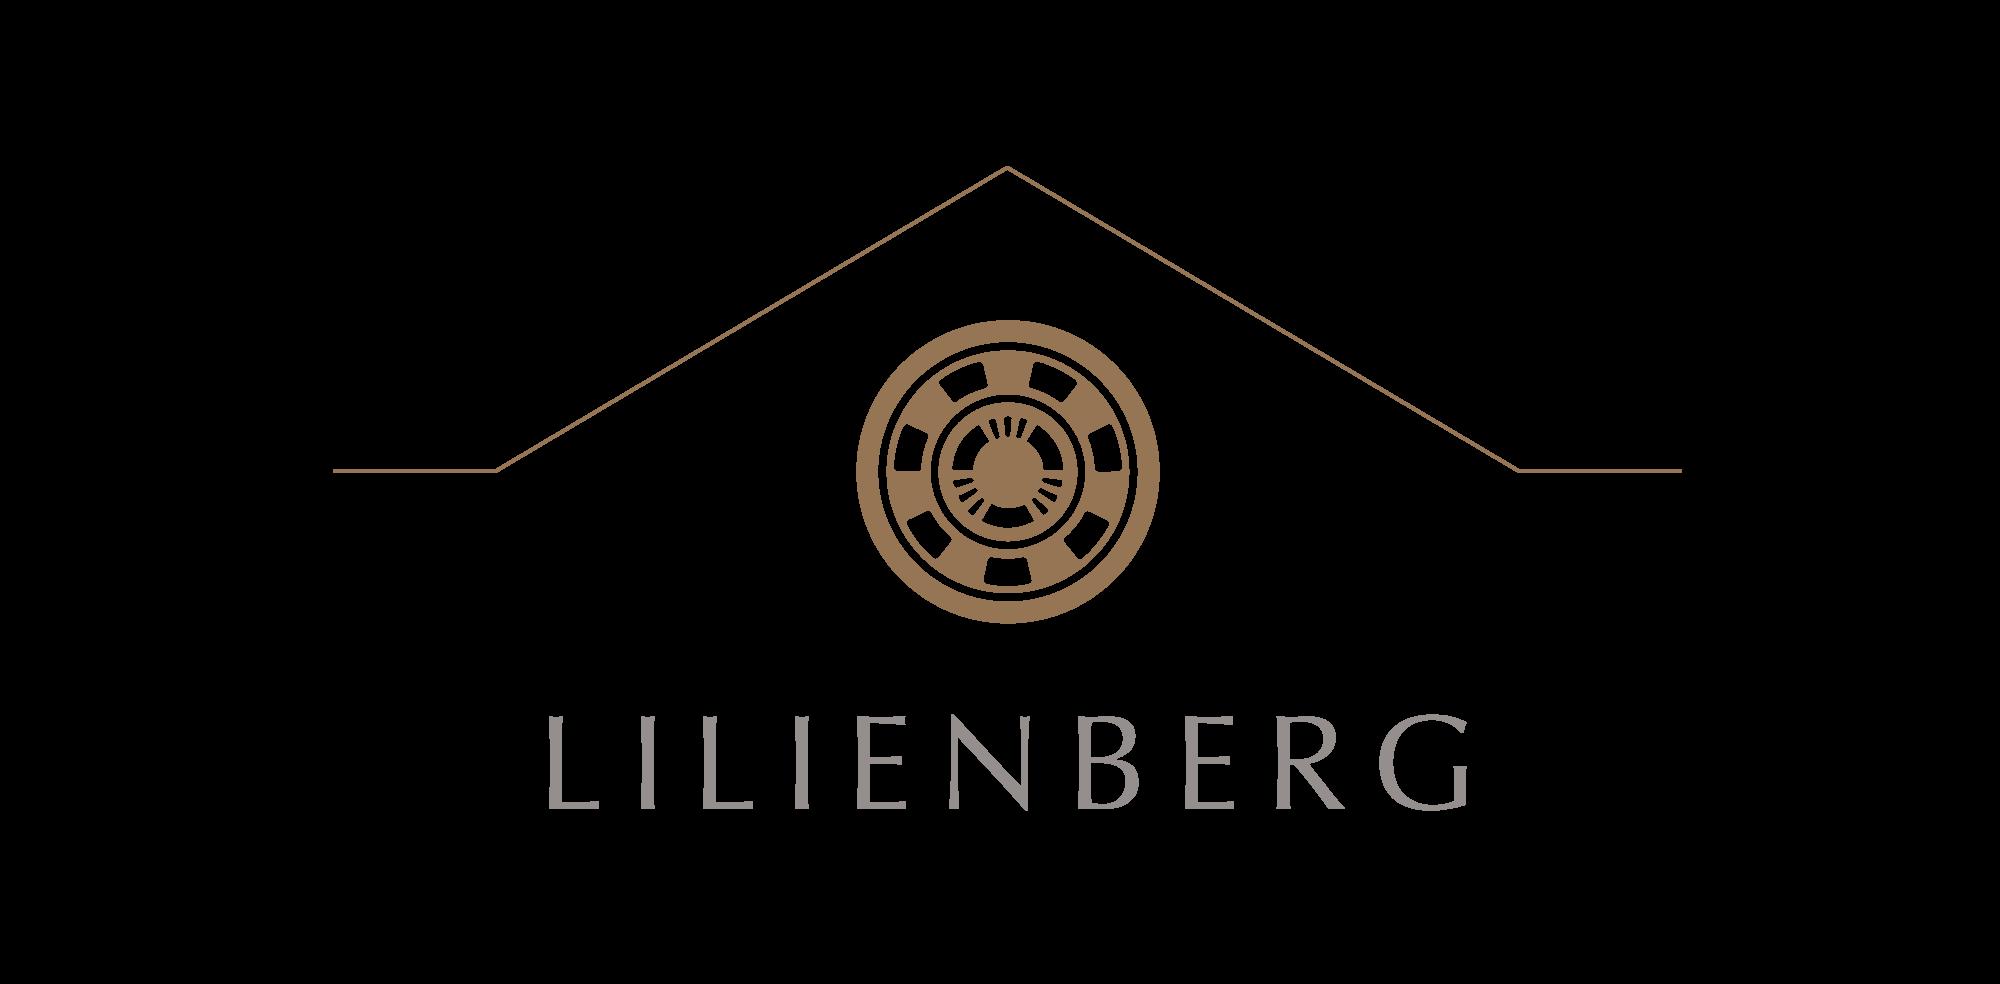 Lilienberg